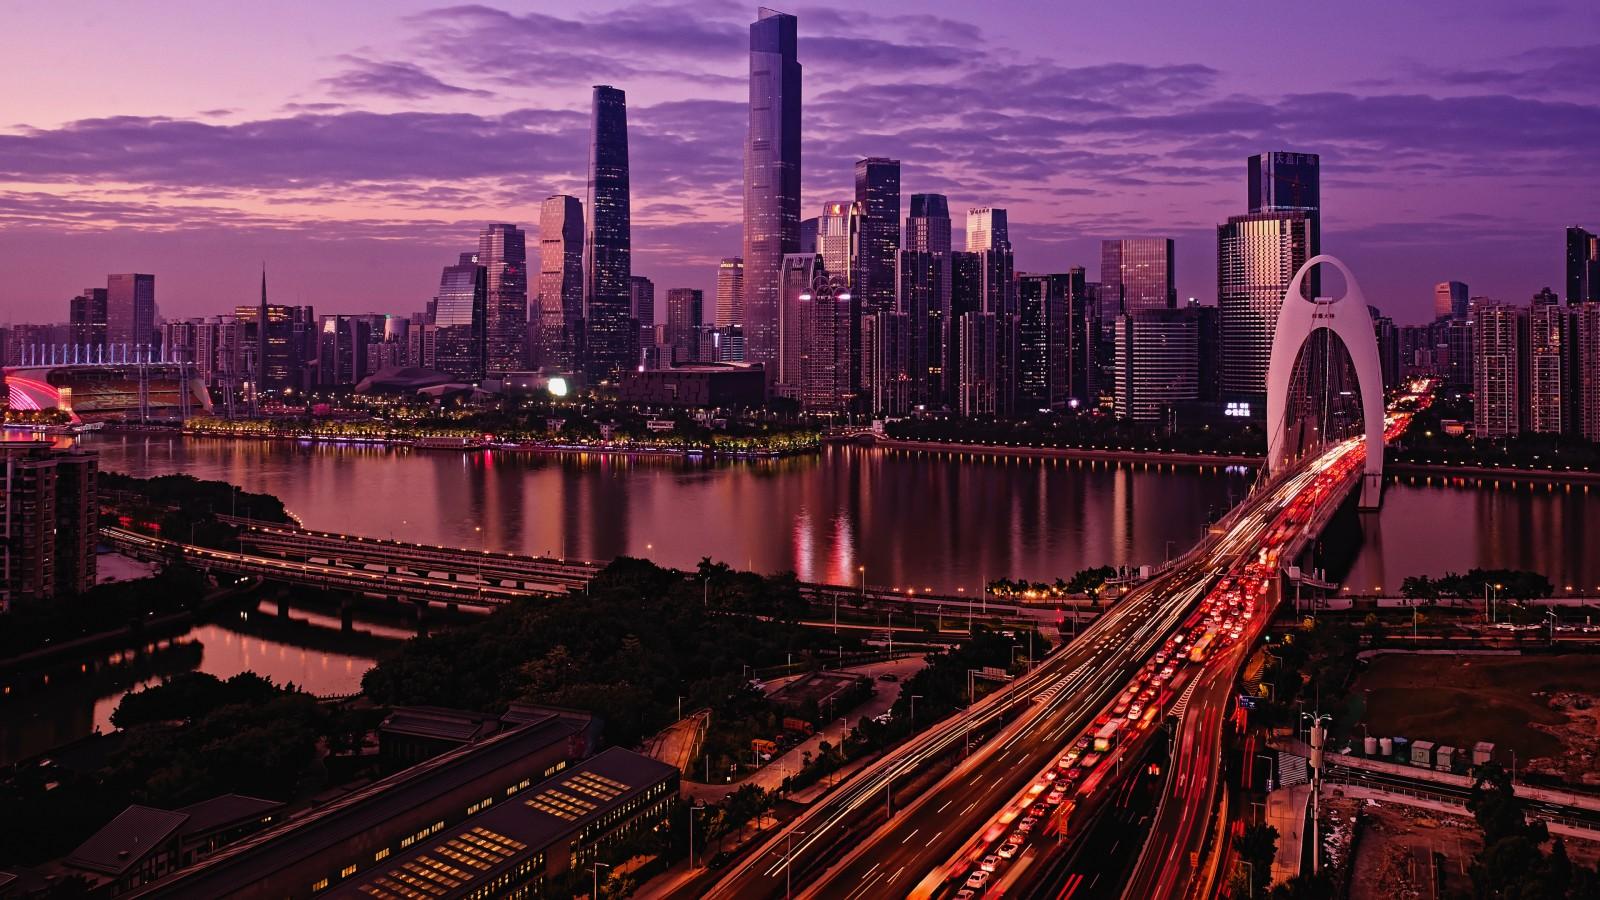 поездка в китай, тур в китай, гуанчжоу